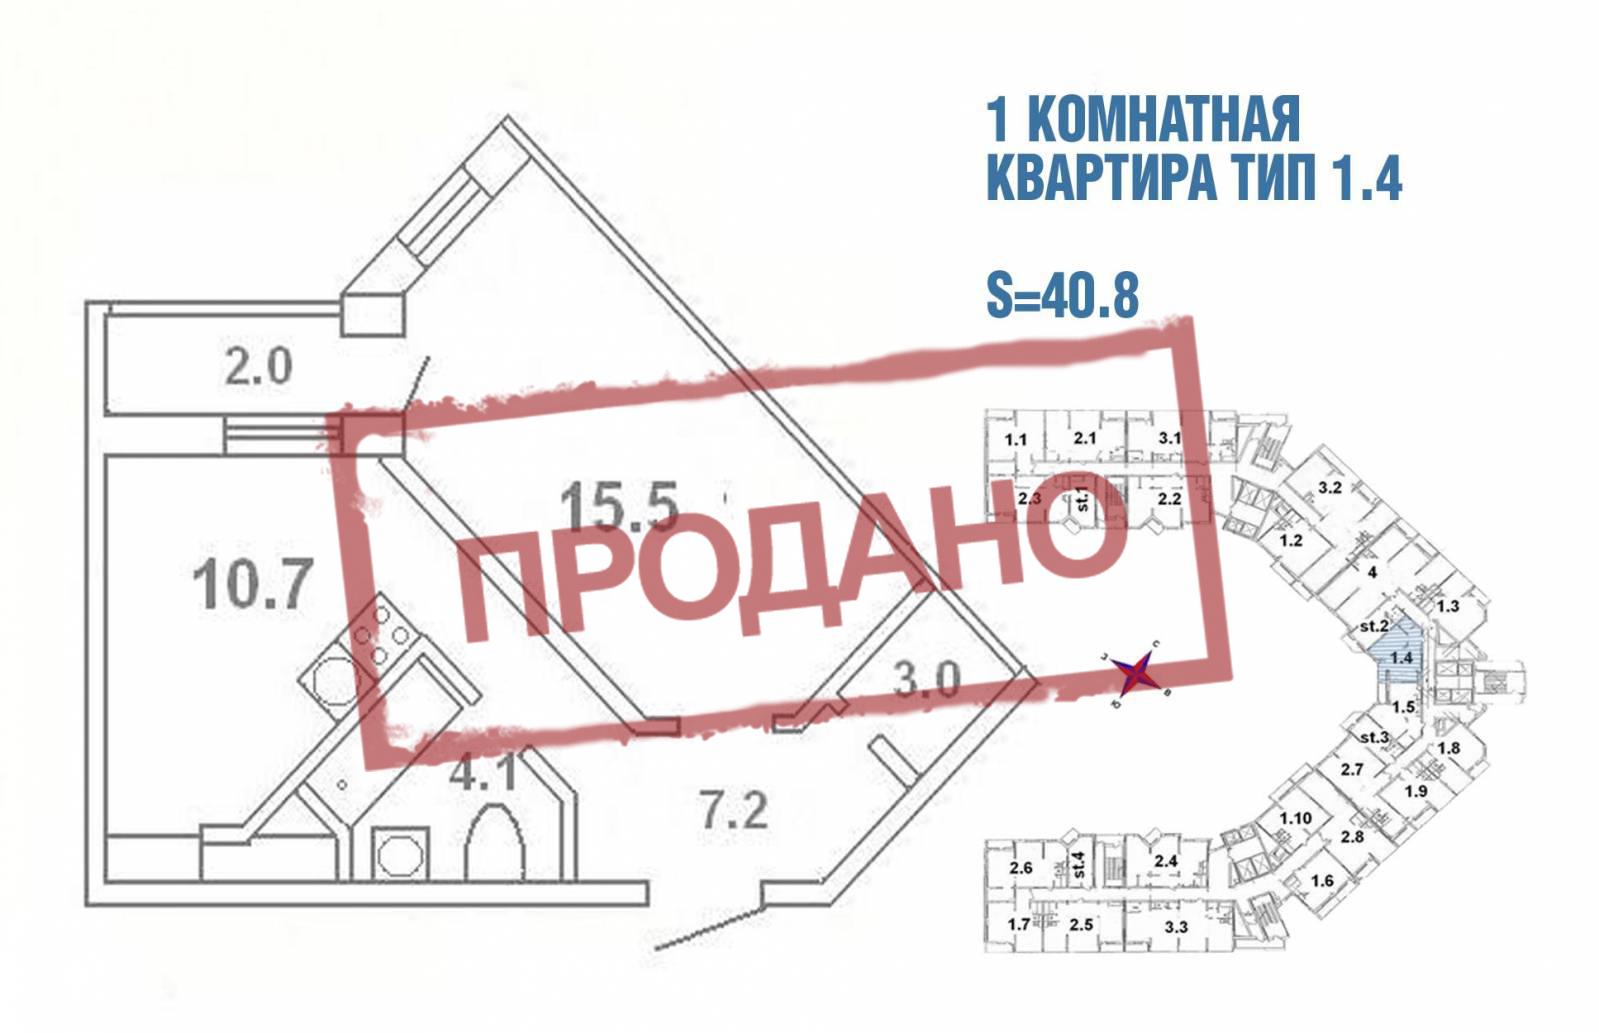 1 комнатная квартира тип 1.4 - 40,8 кв.м.